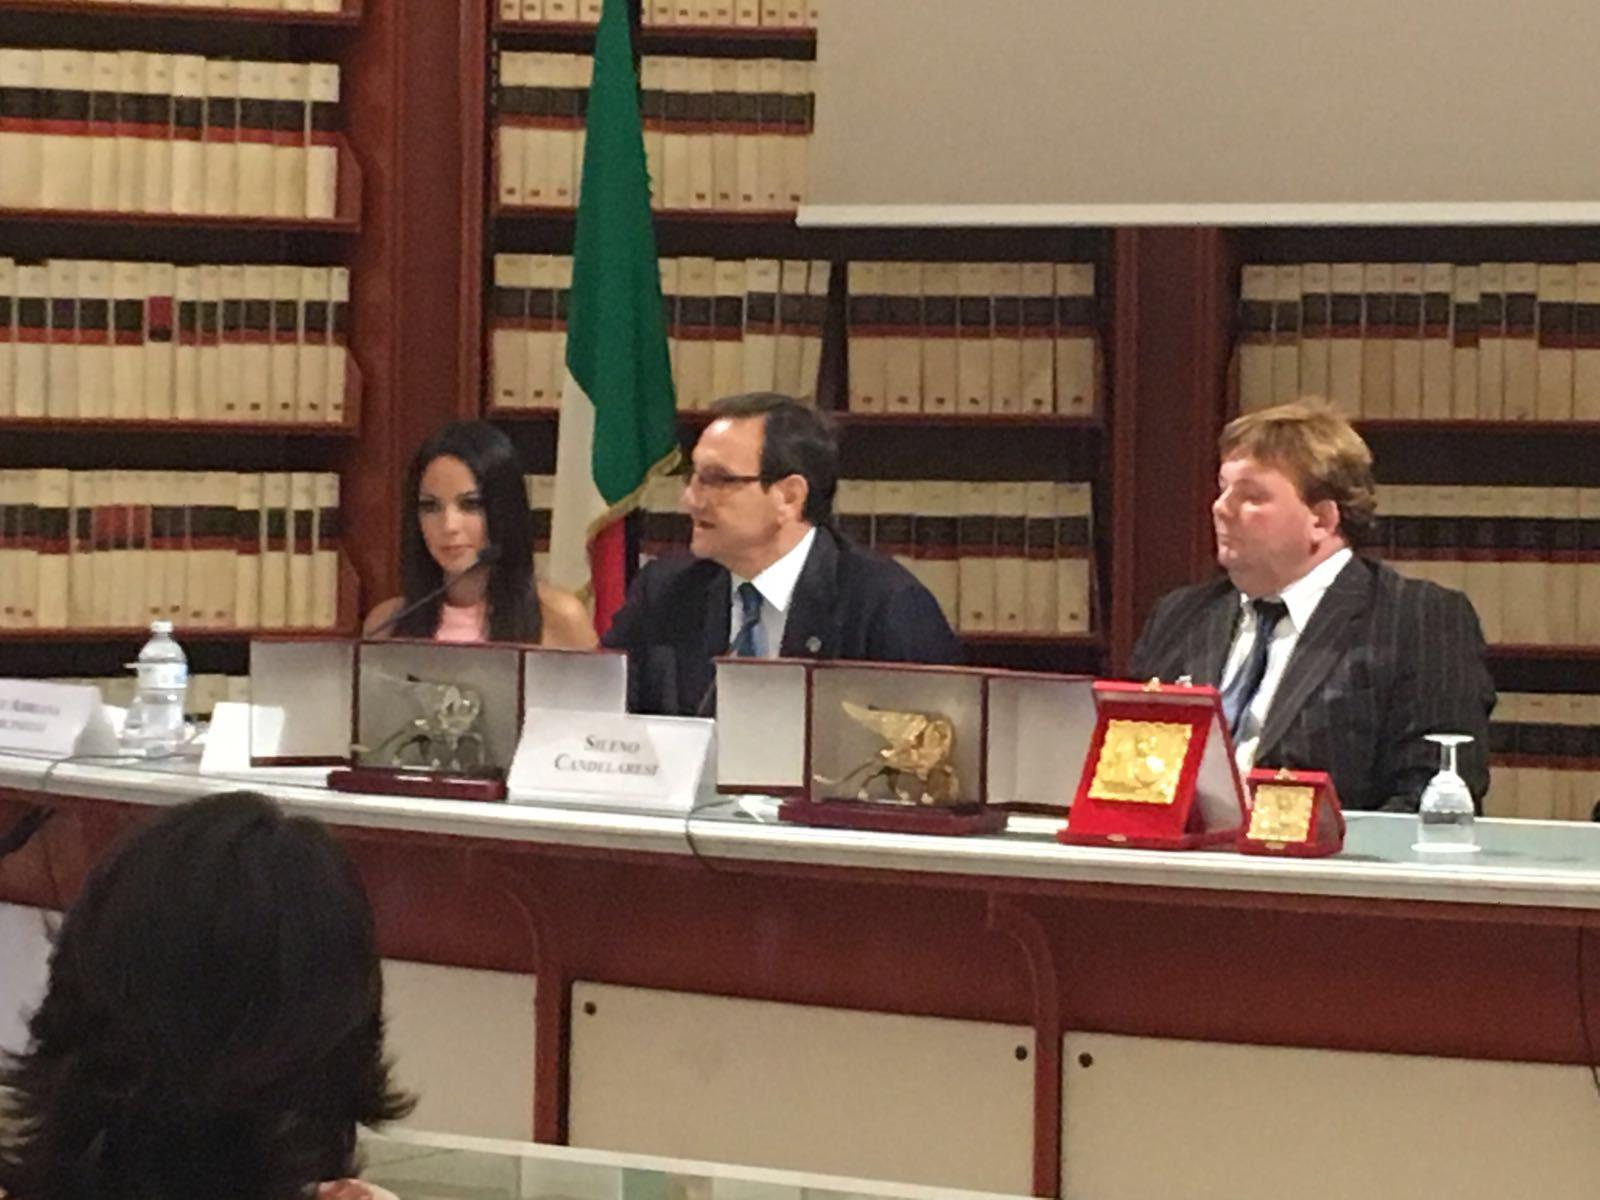 Alla camera dei deputati la cerimonia di presentazione del for Rassegna stampa camera deputati